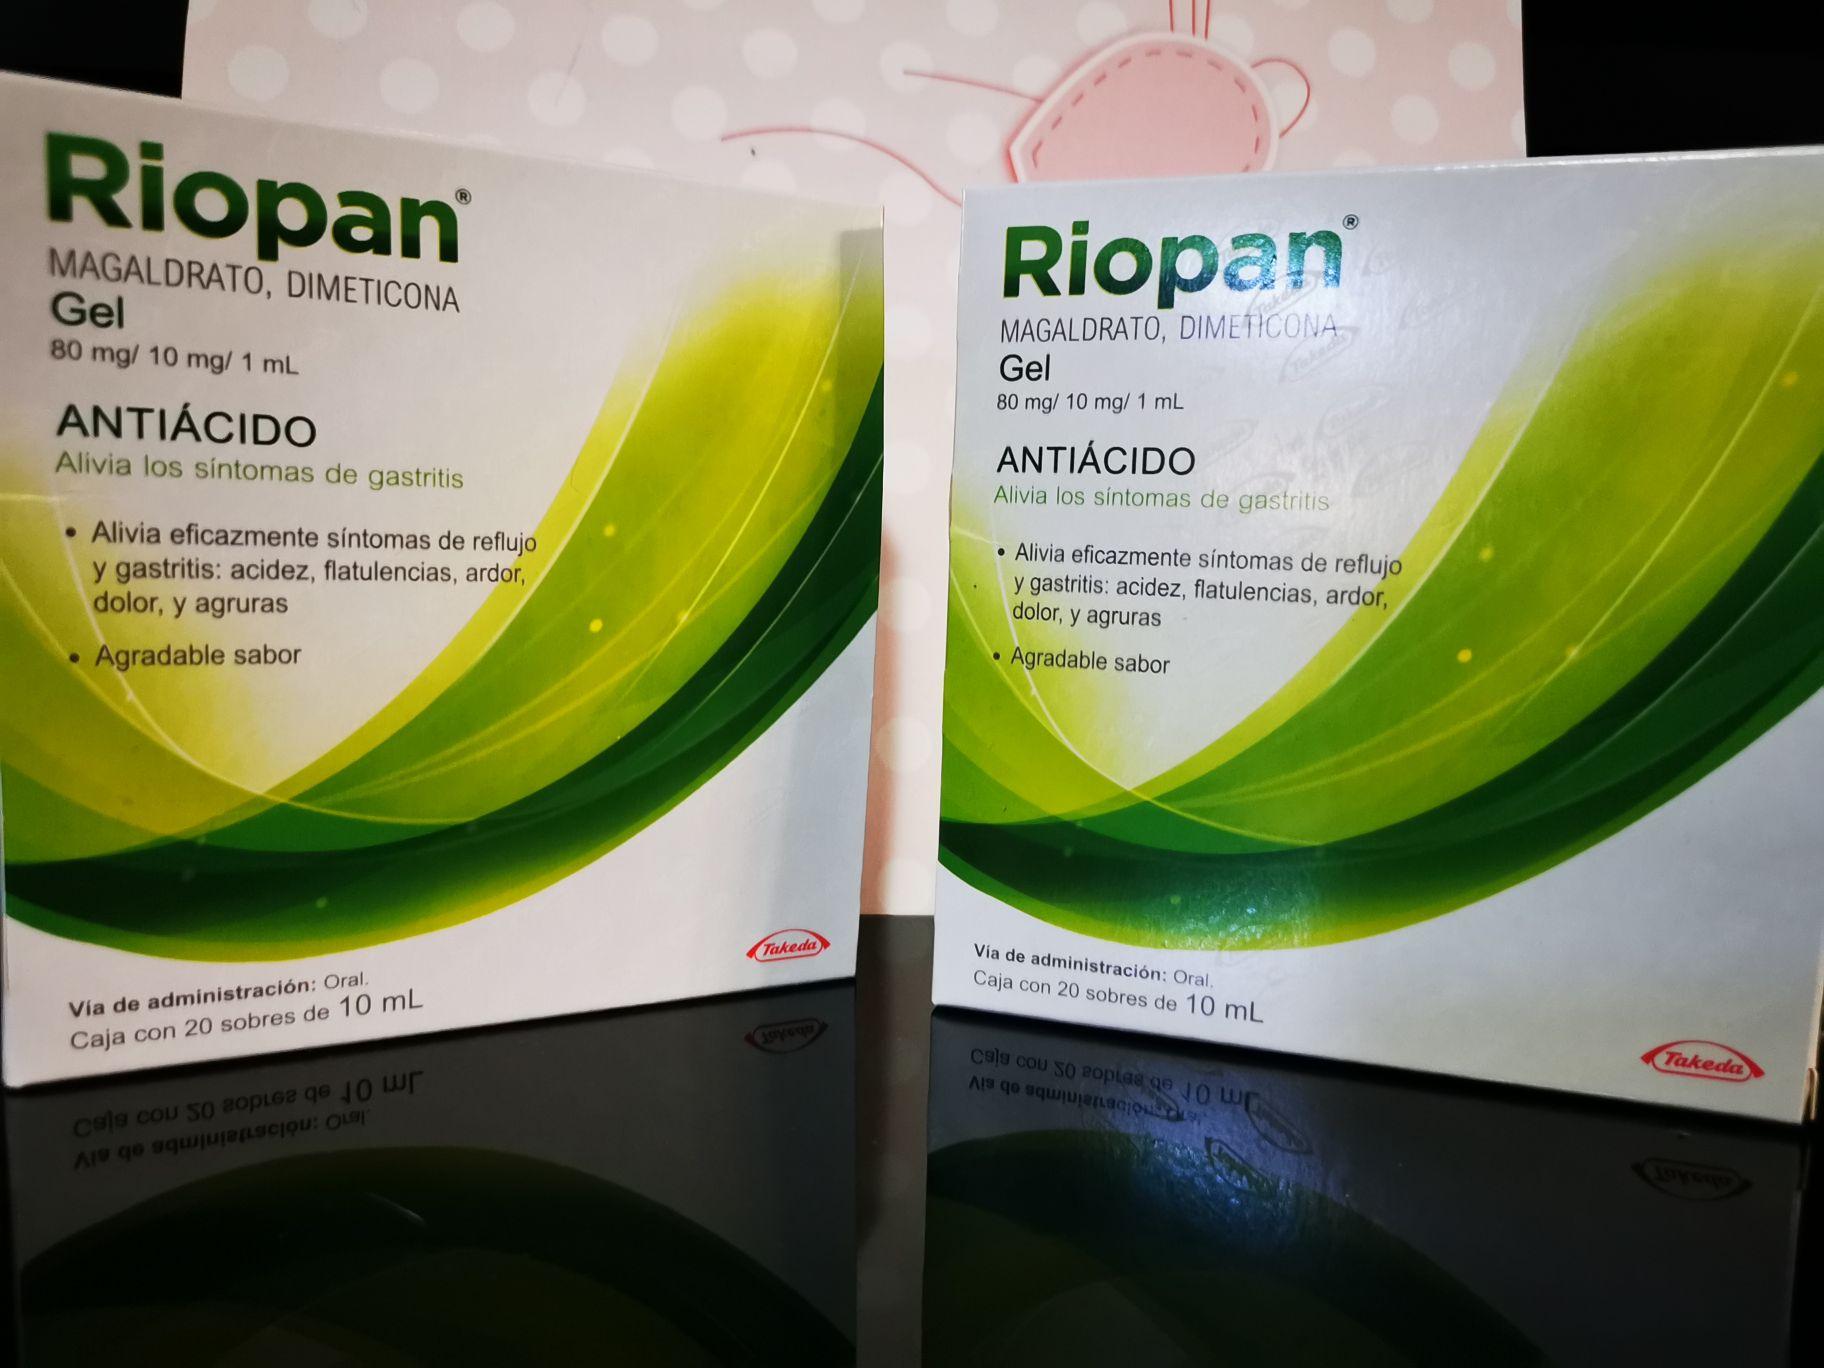 Riopan 2 cajas de 20 (Rappi/Farm.Benavides)